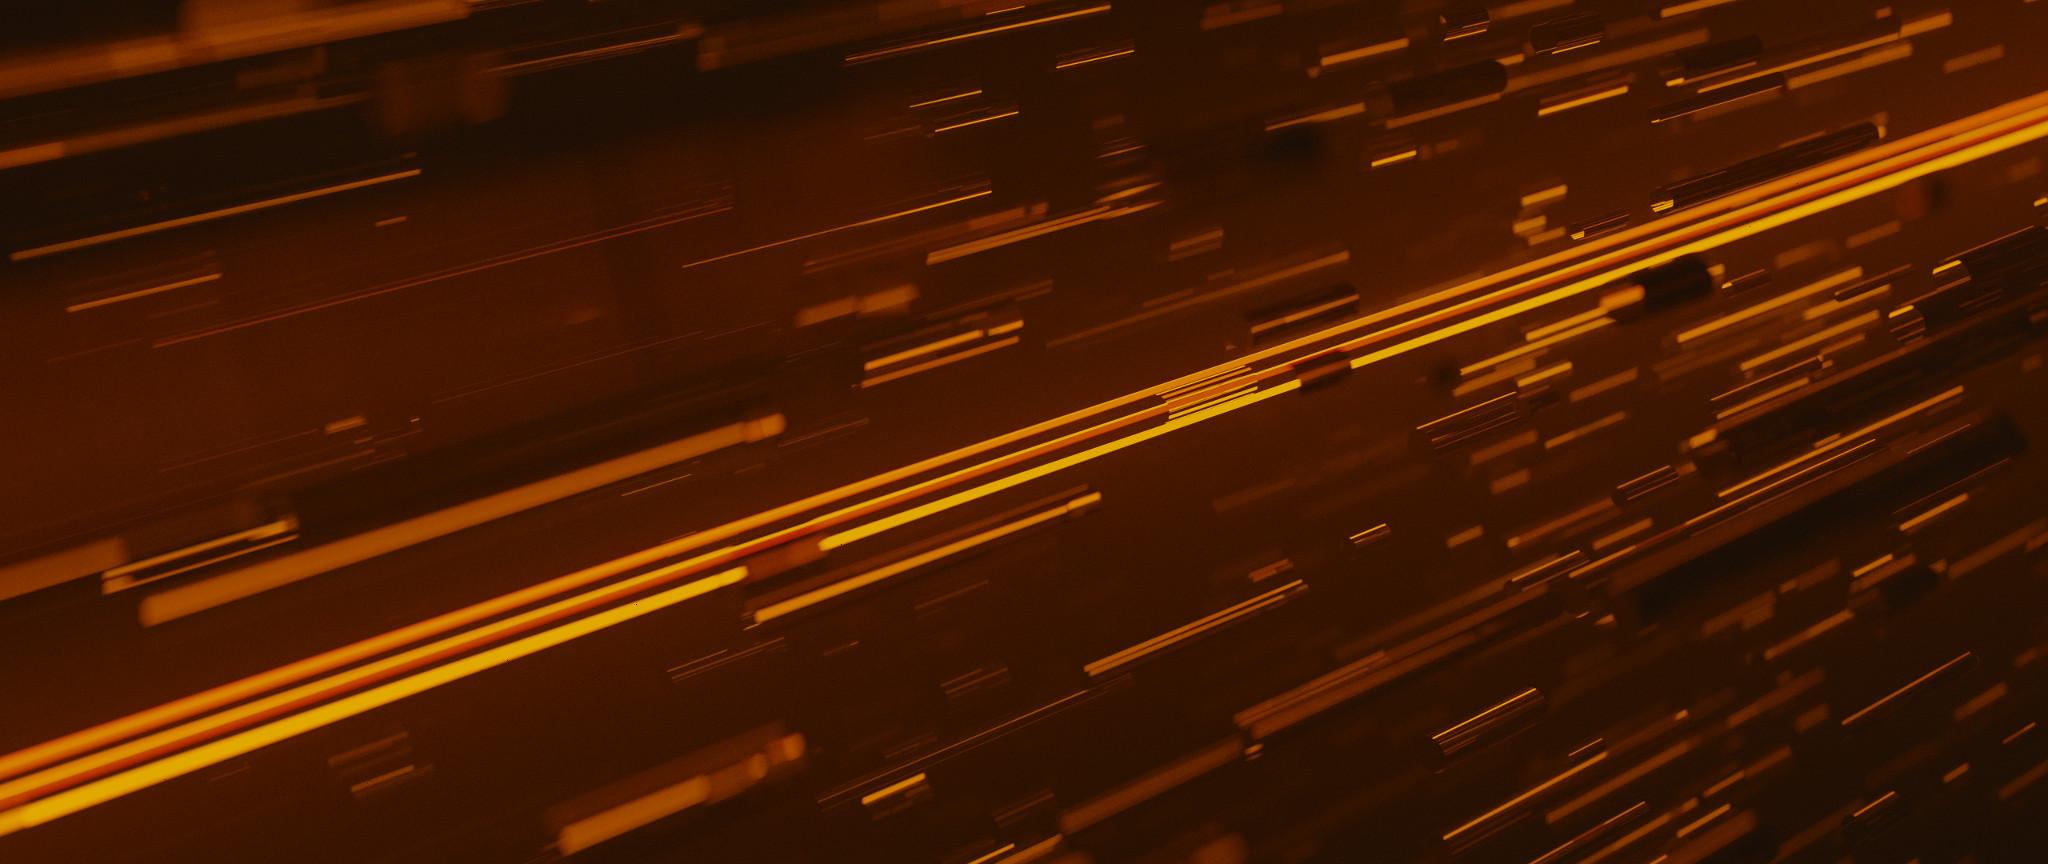 Timeloop_Wide_2K_SM.jpg